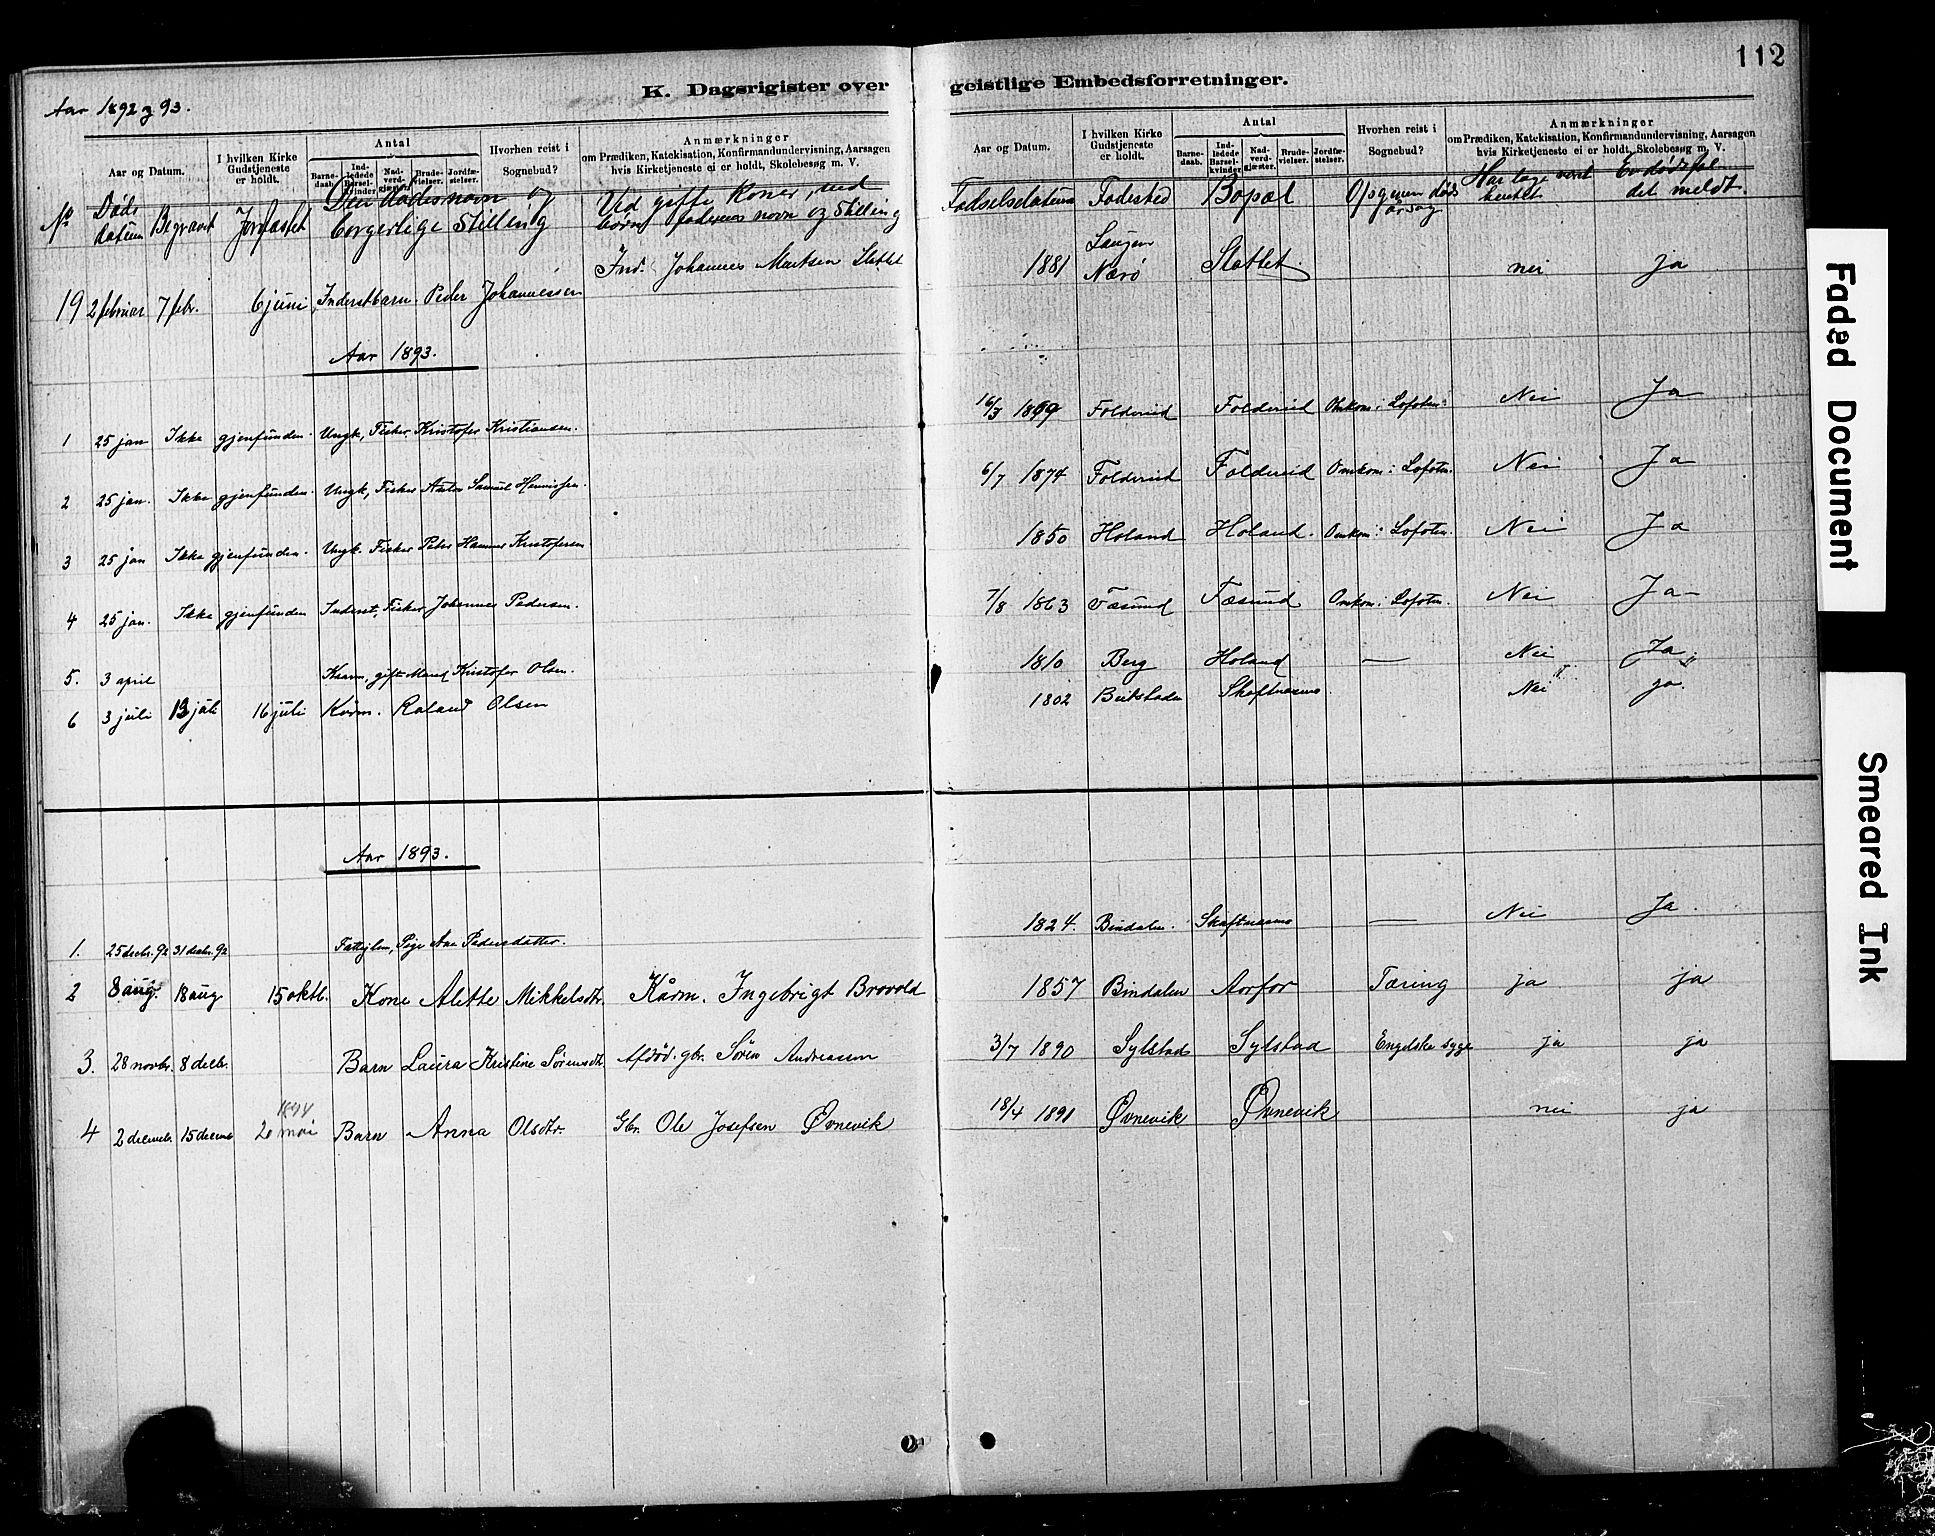 SAT, Ministerialprotokoller, klokkerbøker og fødselsregistre - Nord-Trøndelag, 783/L0661: Klokkerbok nr. 783C01, 1878-1893, s. 112